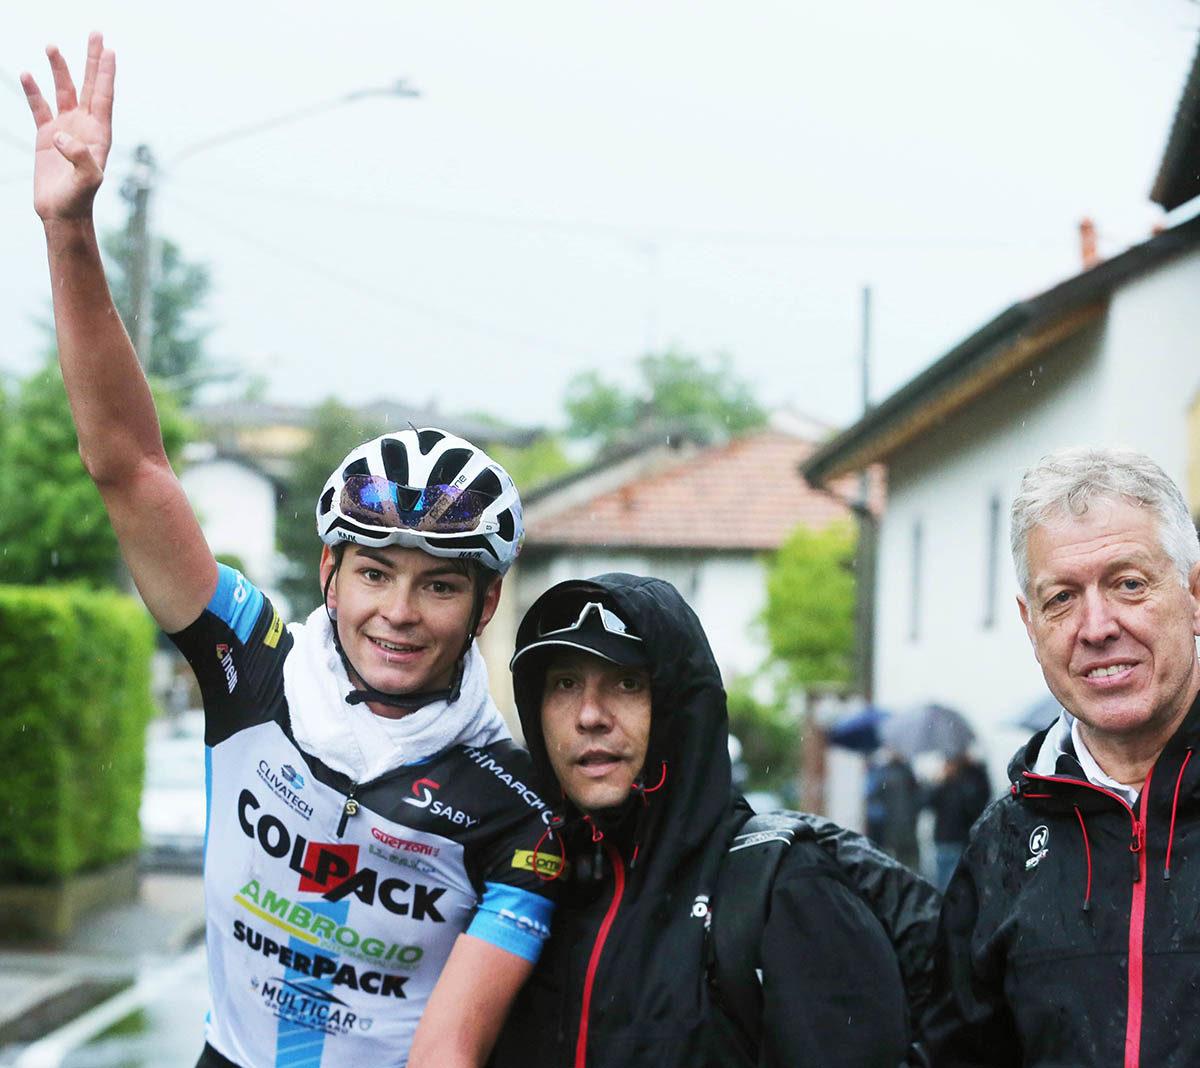 Alessandro Covi festeggia la vittoria sulle strade di casa (foto Rodella)